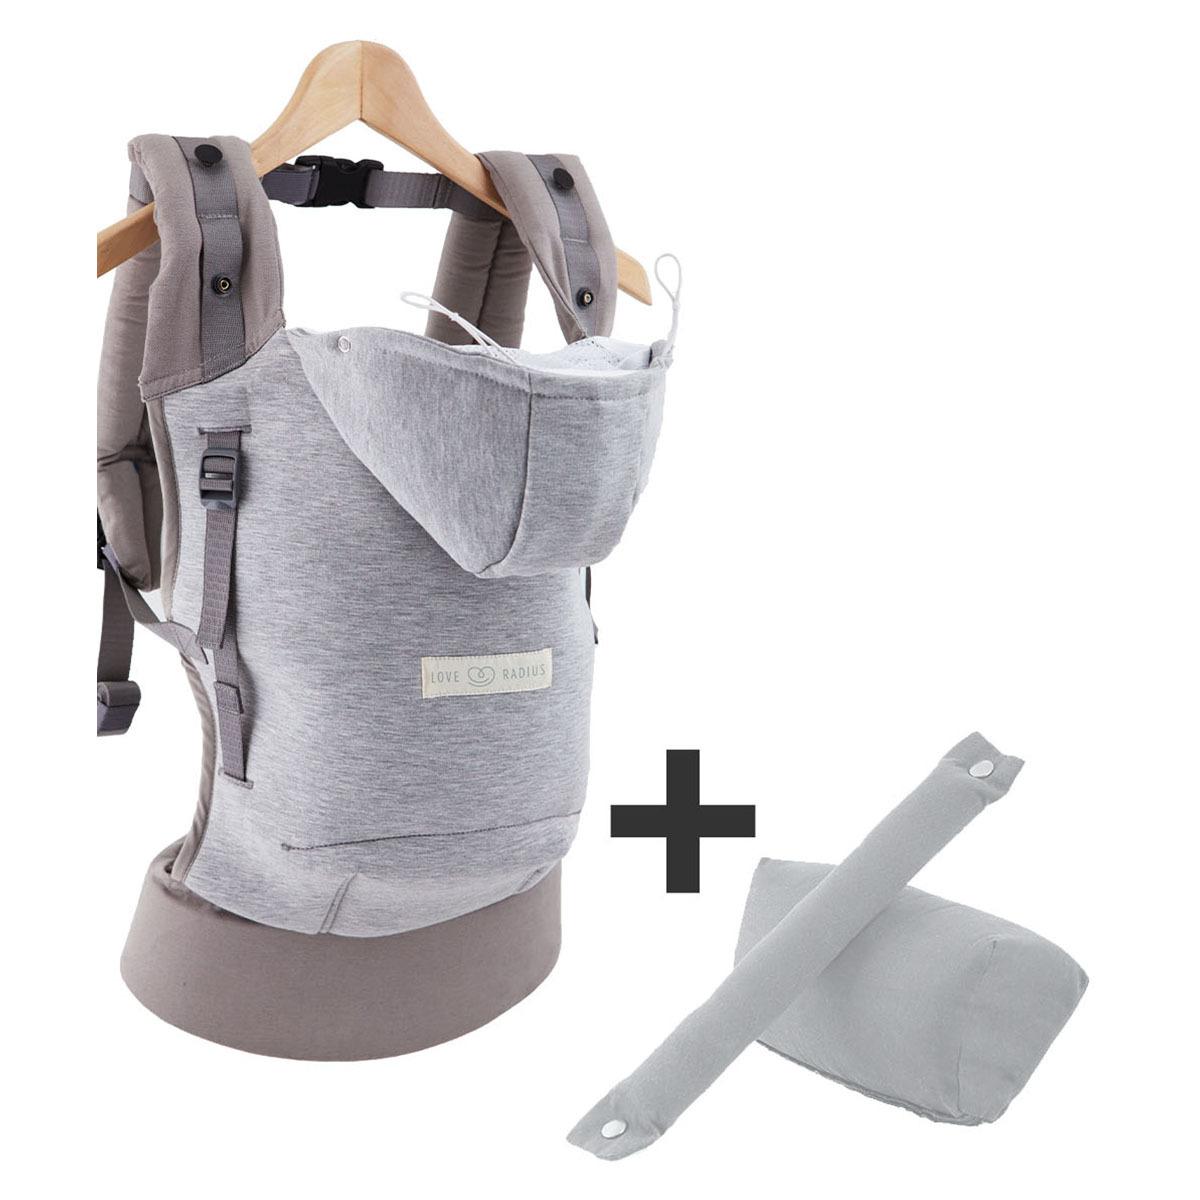 Porte bébé Hoodiecarrier et Booster Pack - Gris Athlétique Hoodiecarrier et Booster Pack - Gris Athlétique